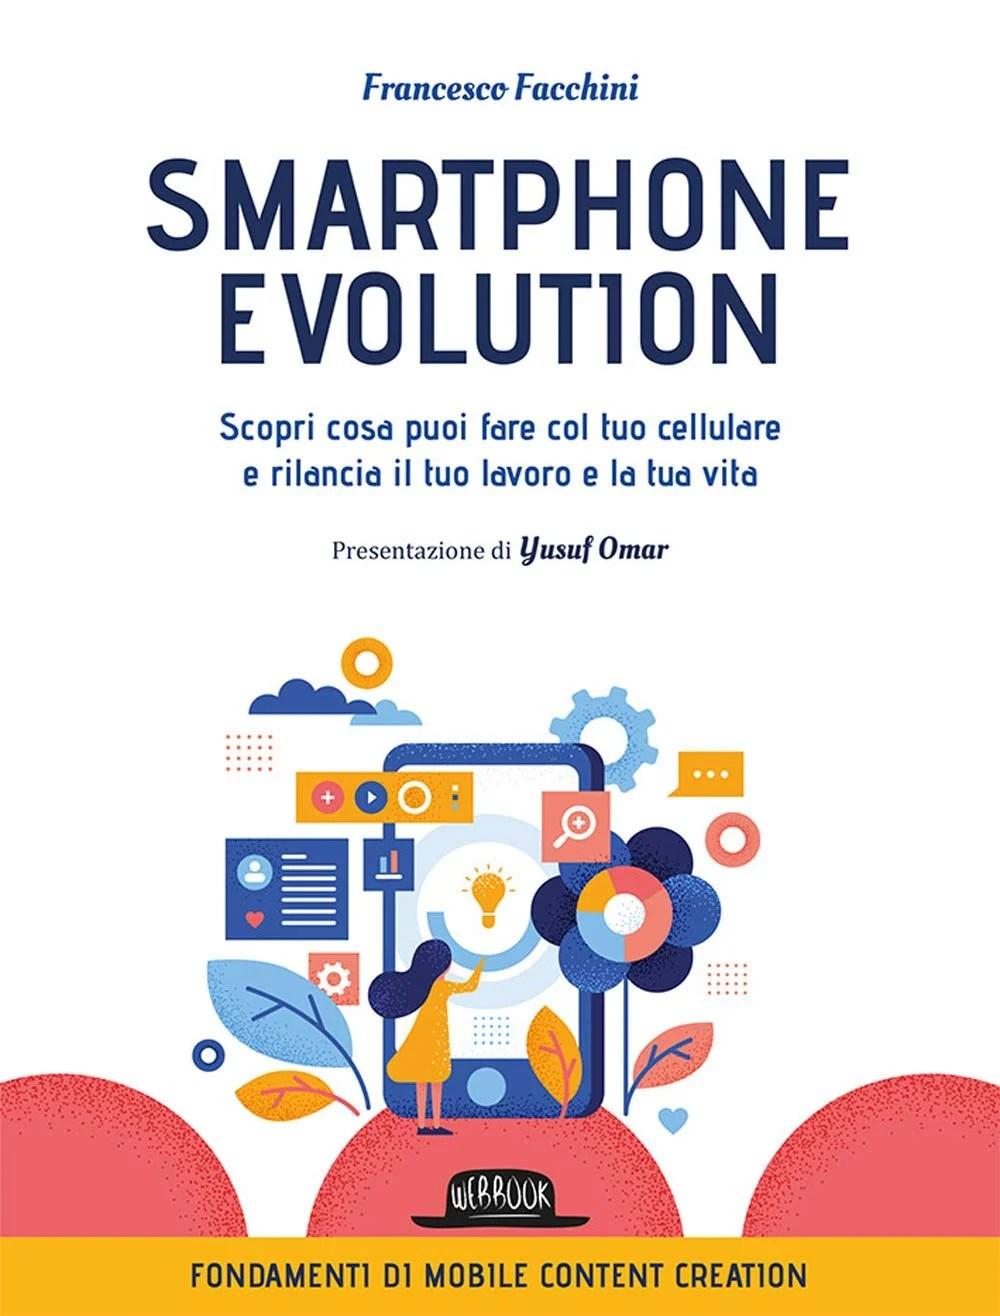 Recensione di Smartphone Evolution – Francesco Facchini